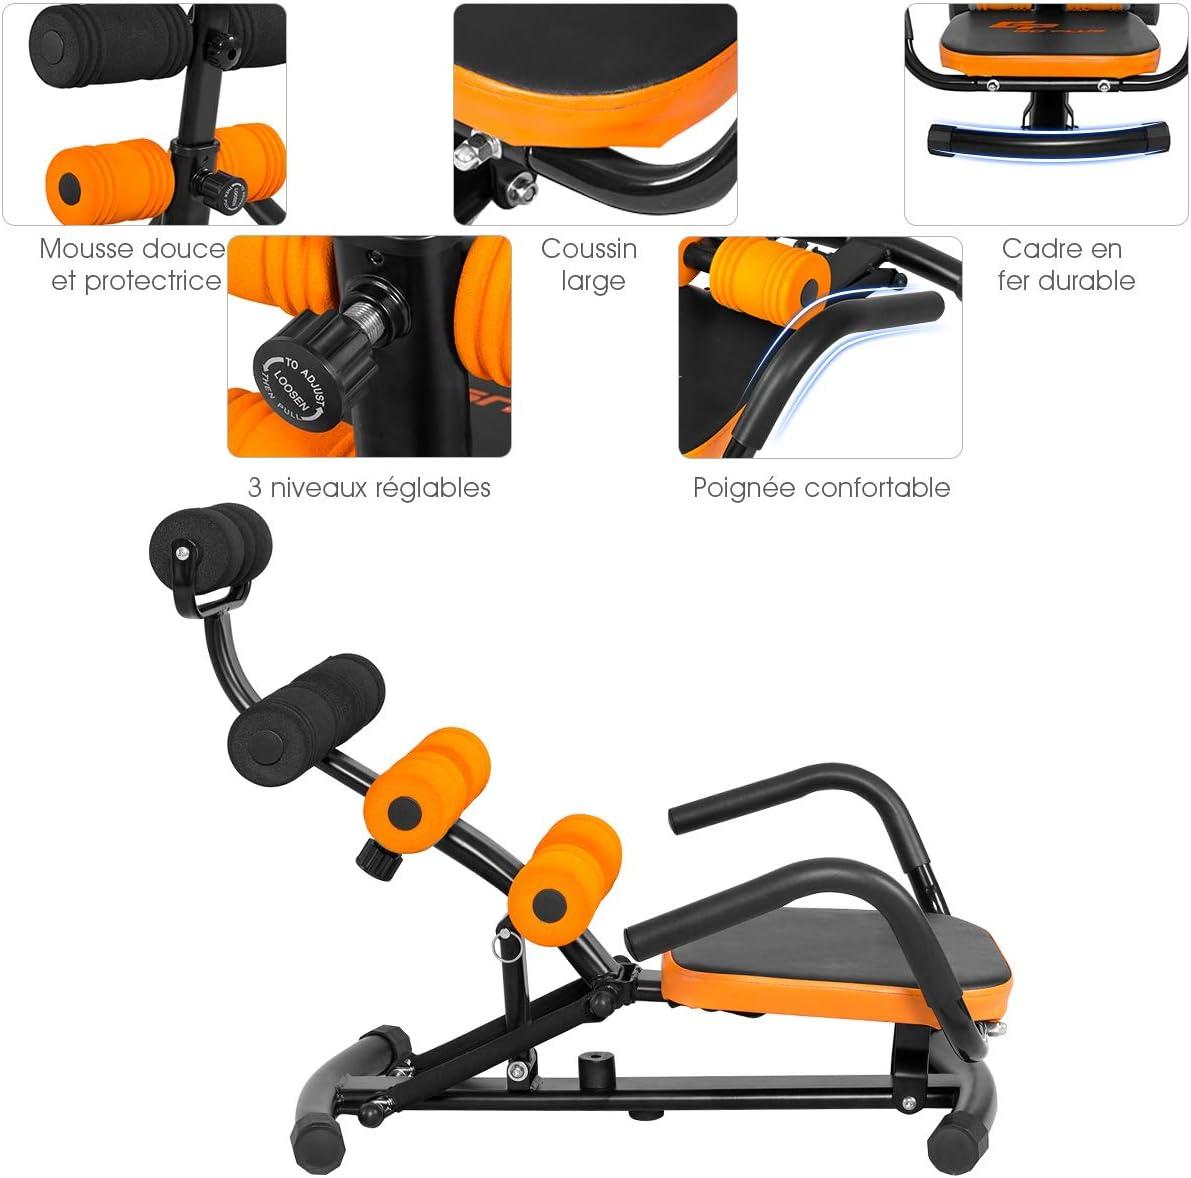 Utilis/é comme Banc Inclin/é ou Sit Up Charge 100KG Costway Banc de Musculation avec Dossier R/églable en 3 Positions,Angle R/églable Entre 100-180/°Construction Robuste